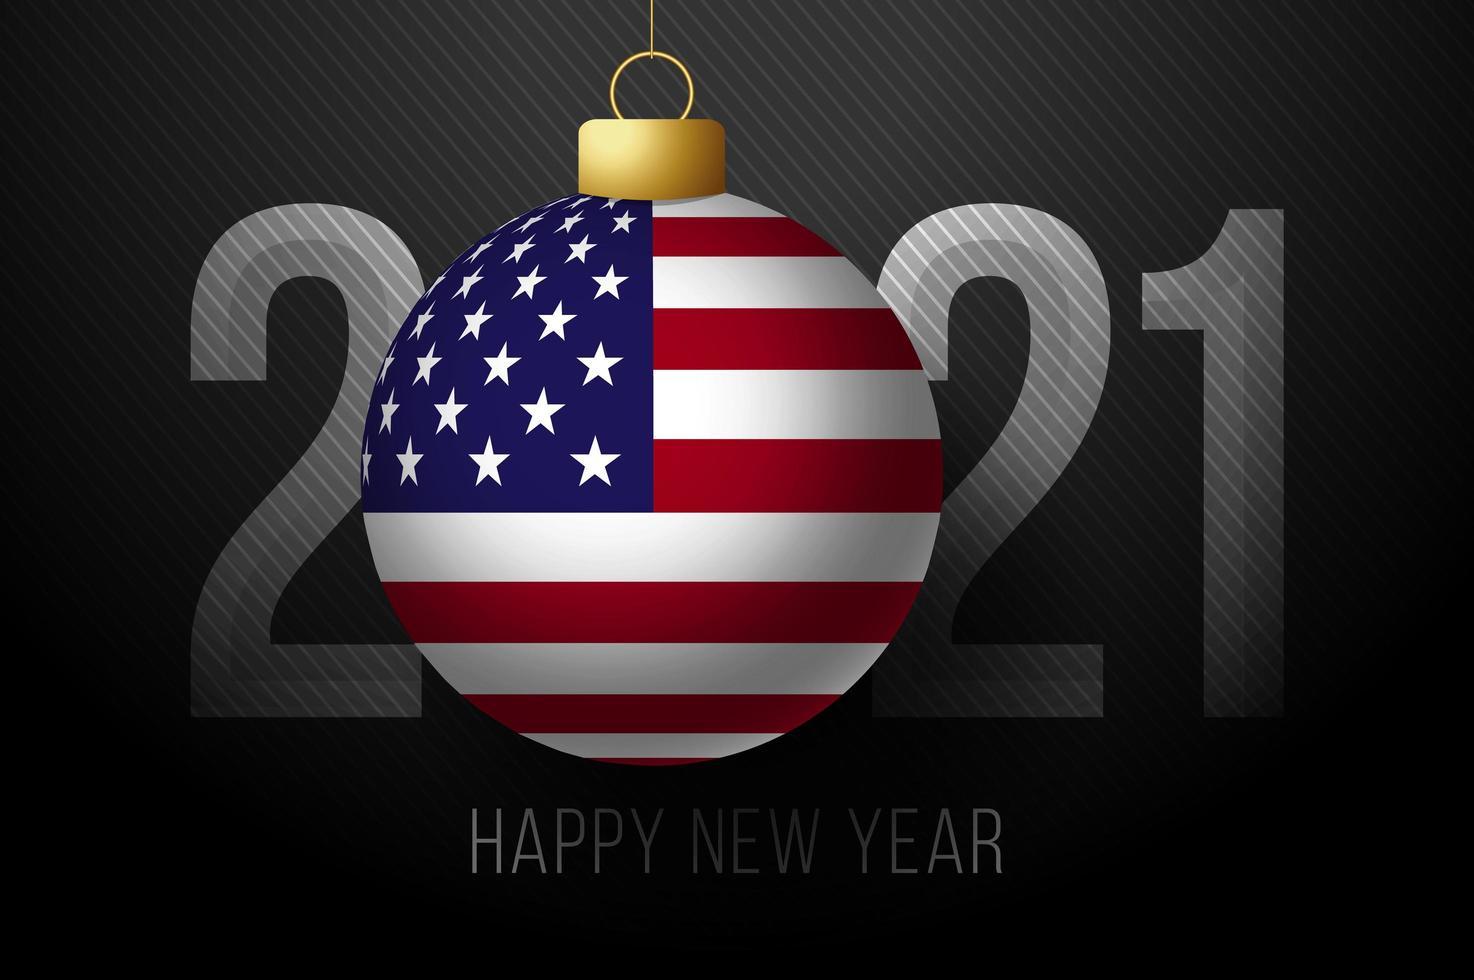 Tipografía de año nuevo 2021 con adorno de bandera de EE. UU. vector